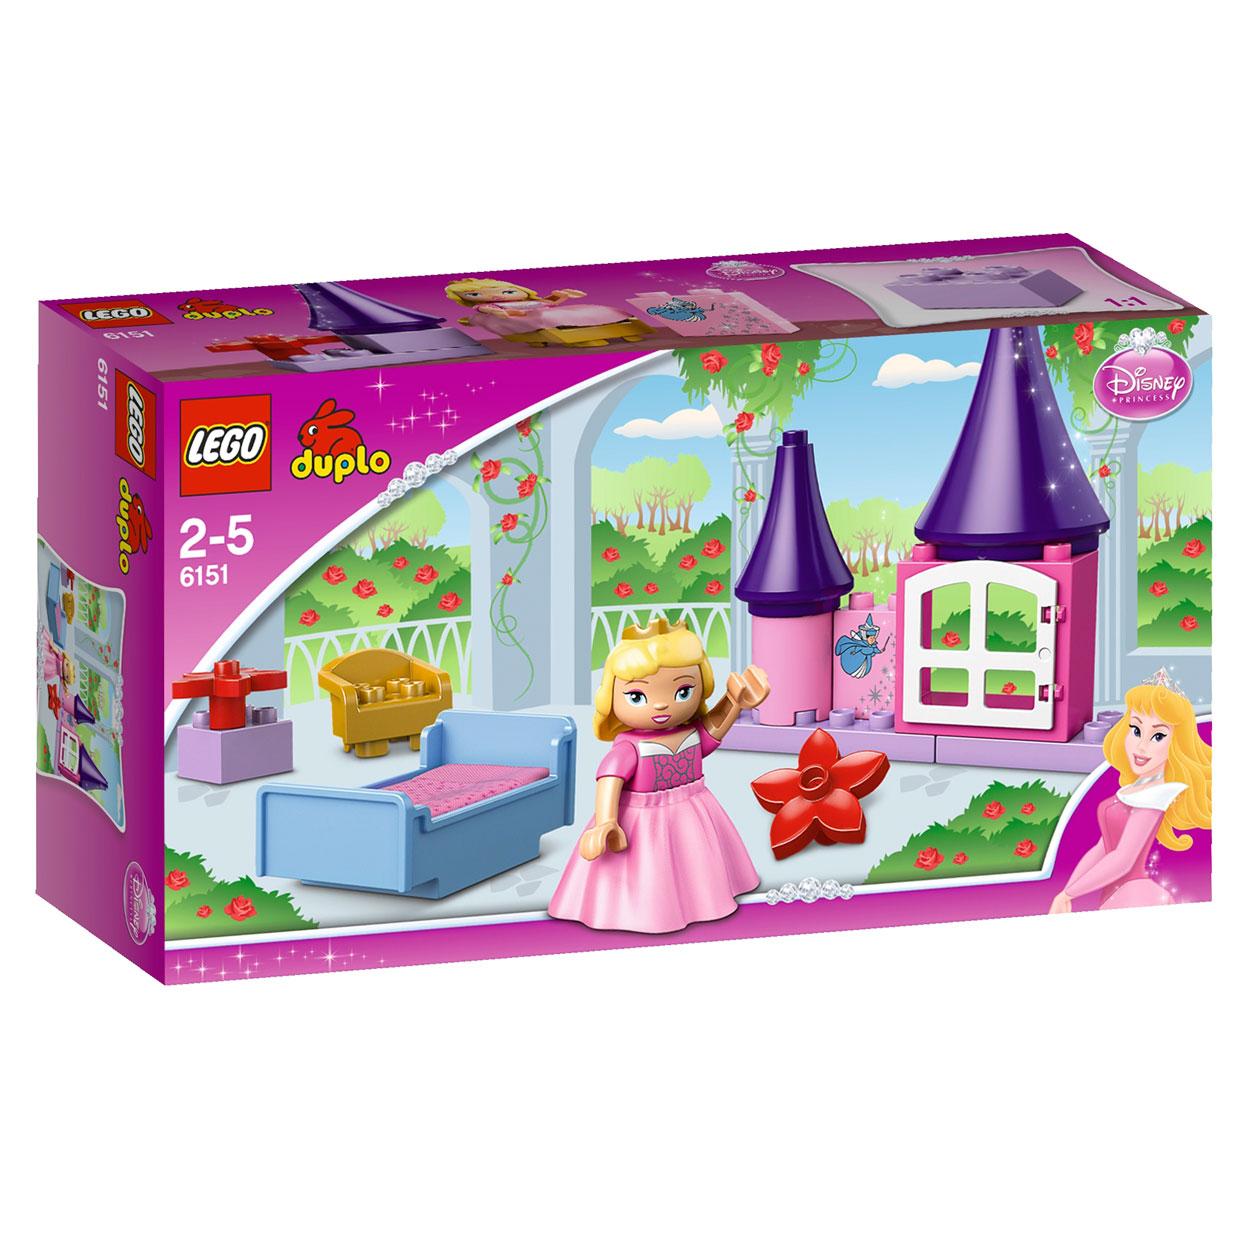 LEGO DUPLO Princess 6151 Doornroosje\'s Slaapkamer online kopen ...